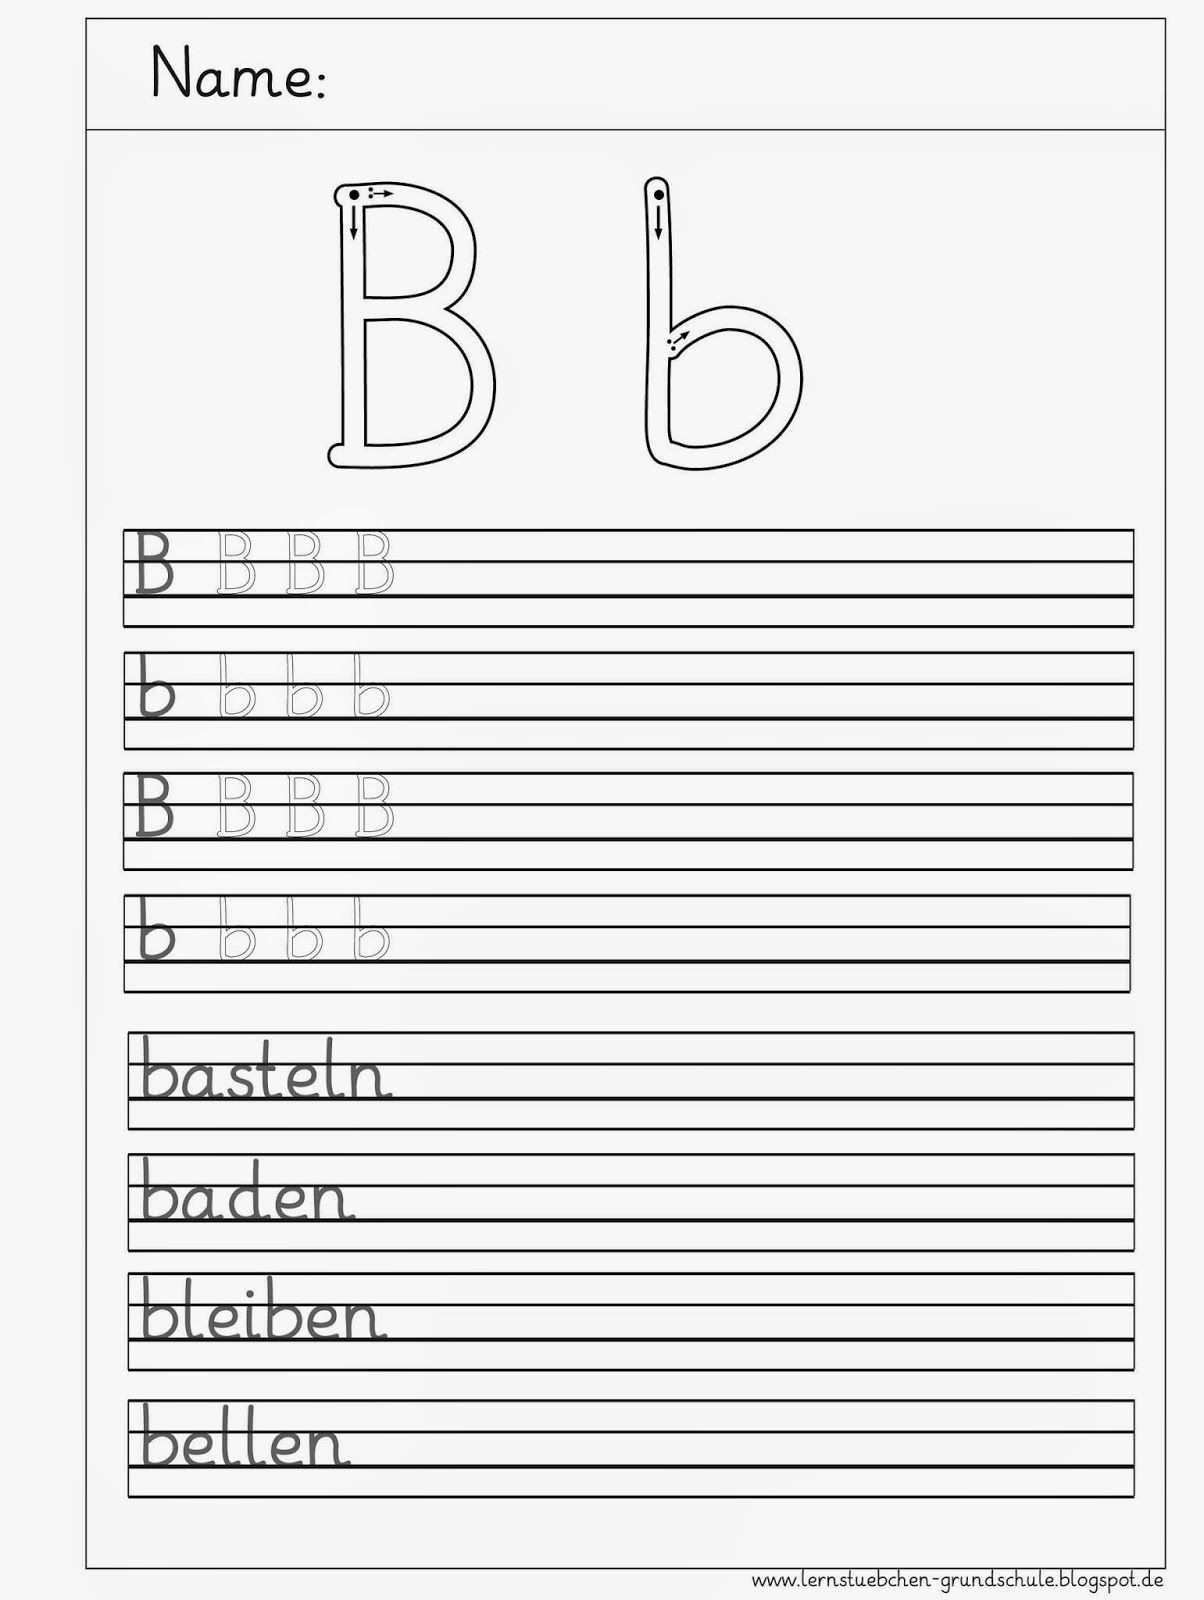 Hier Im Ublichen Stil 6 Arbeitsblatter Zum Schreiben Euch Einen Schonen Tag Lg Gille Schrif Buchstaben Lernen Arbeitsblatter Grundschule Schon Schreiben Lernen